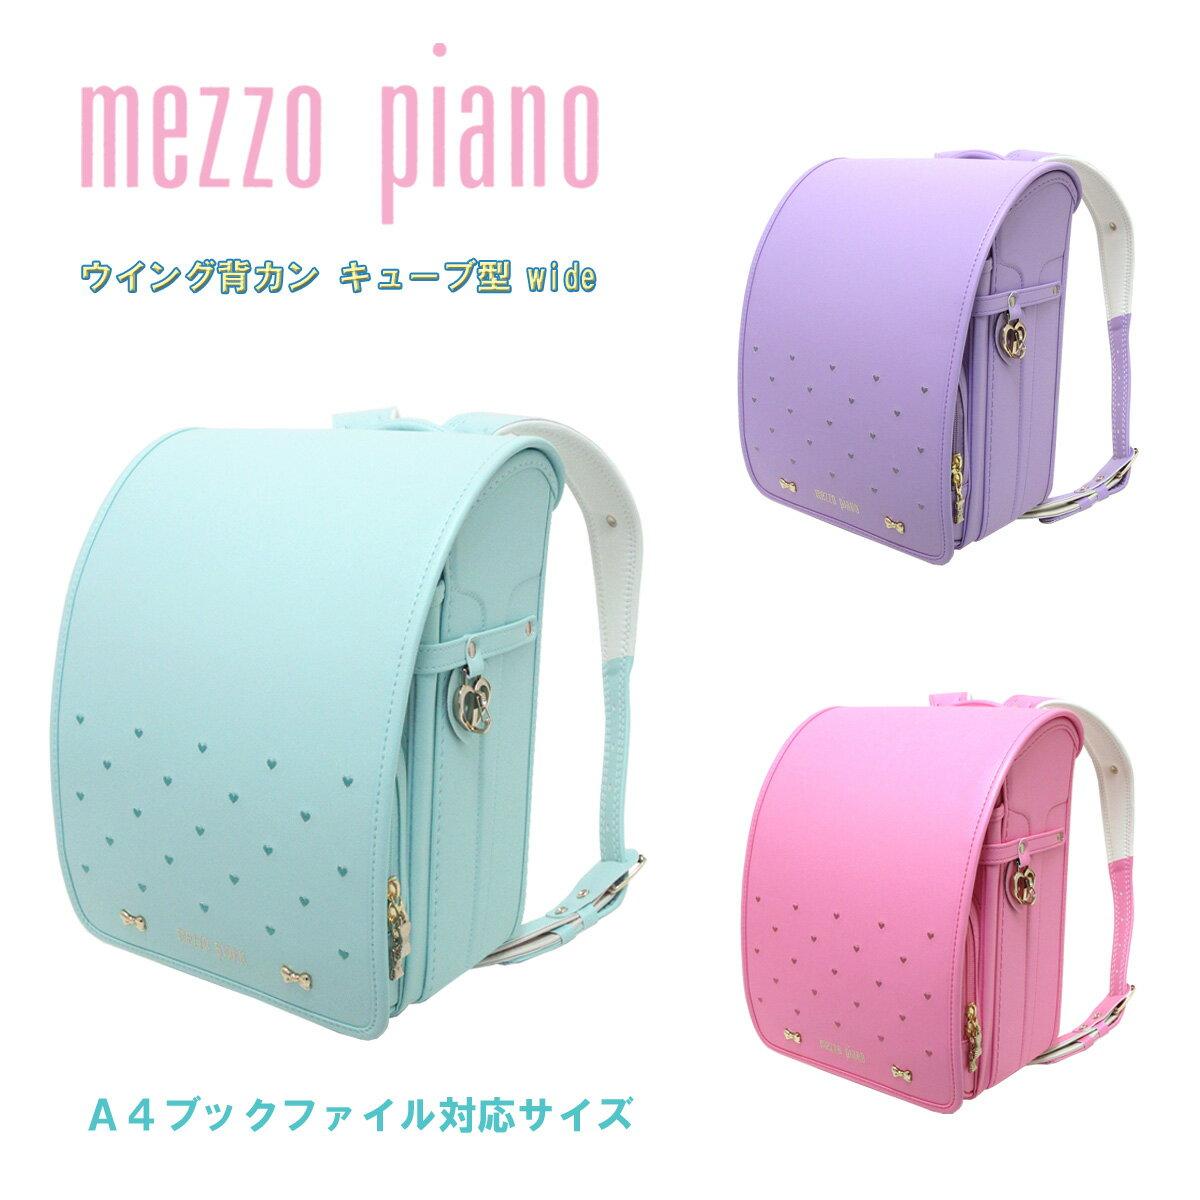 バッグ・ランドセル, ランドセル 2022 mezzo piano (wide) 12cm 0103-2413 MADE IN JAPAN()